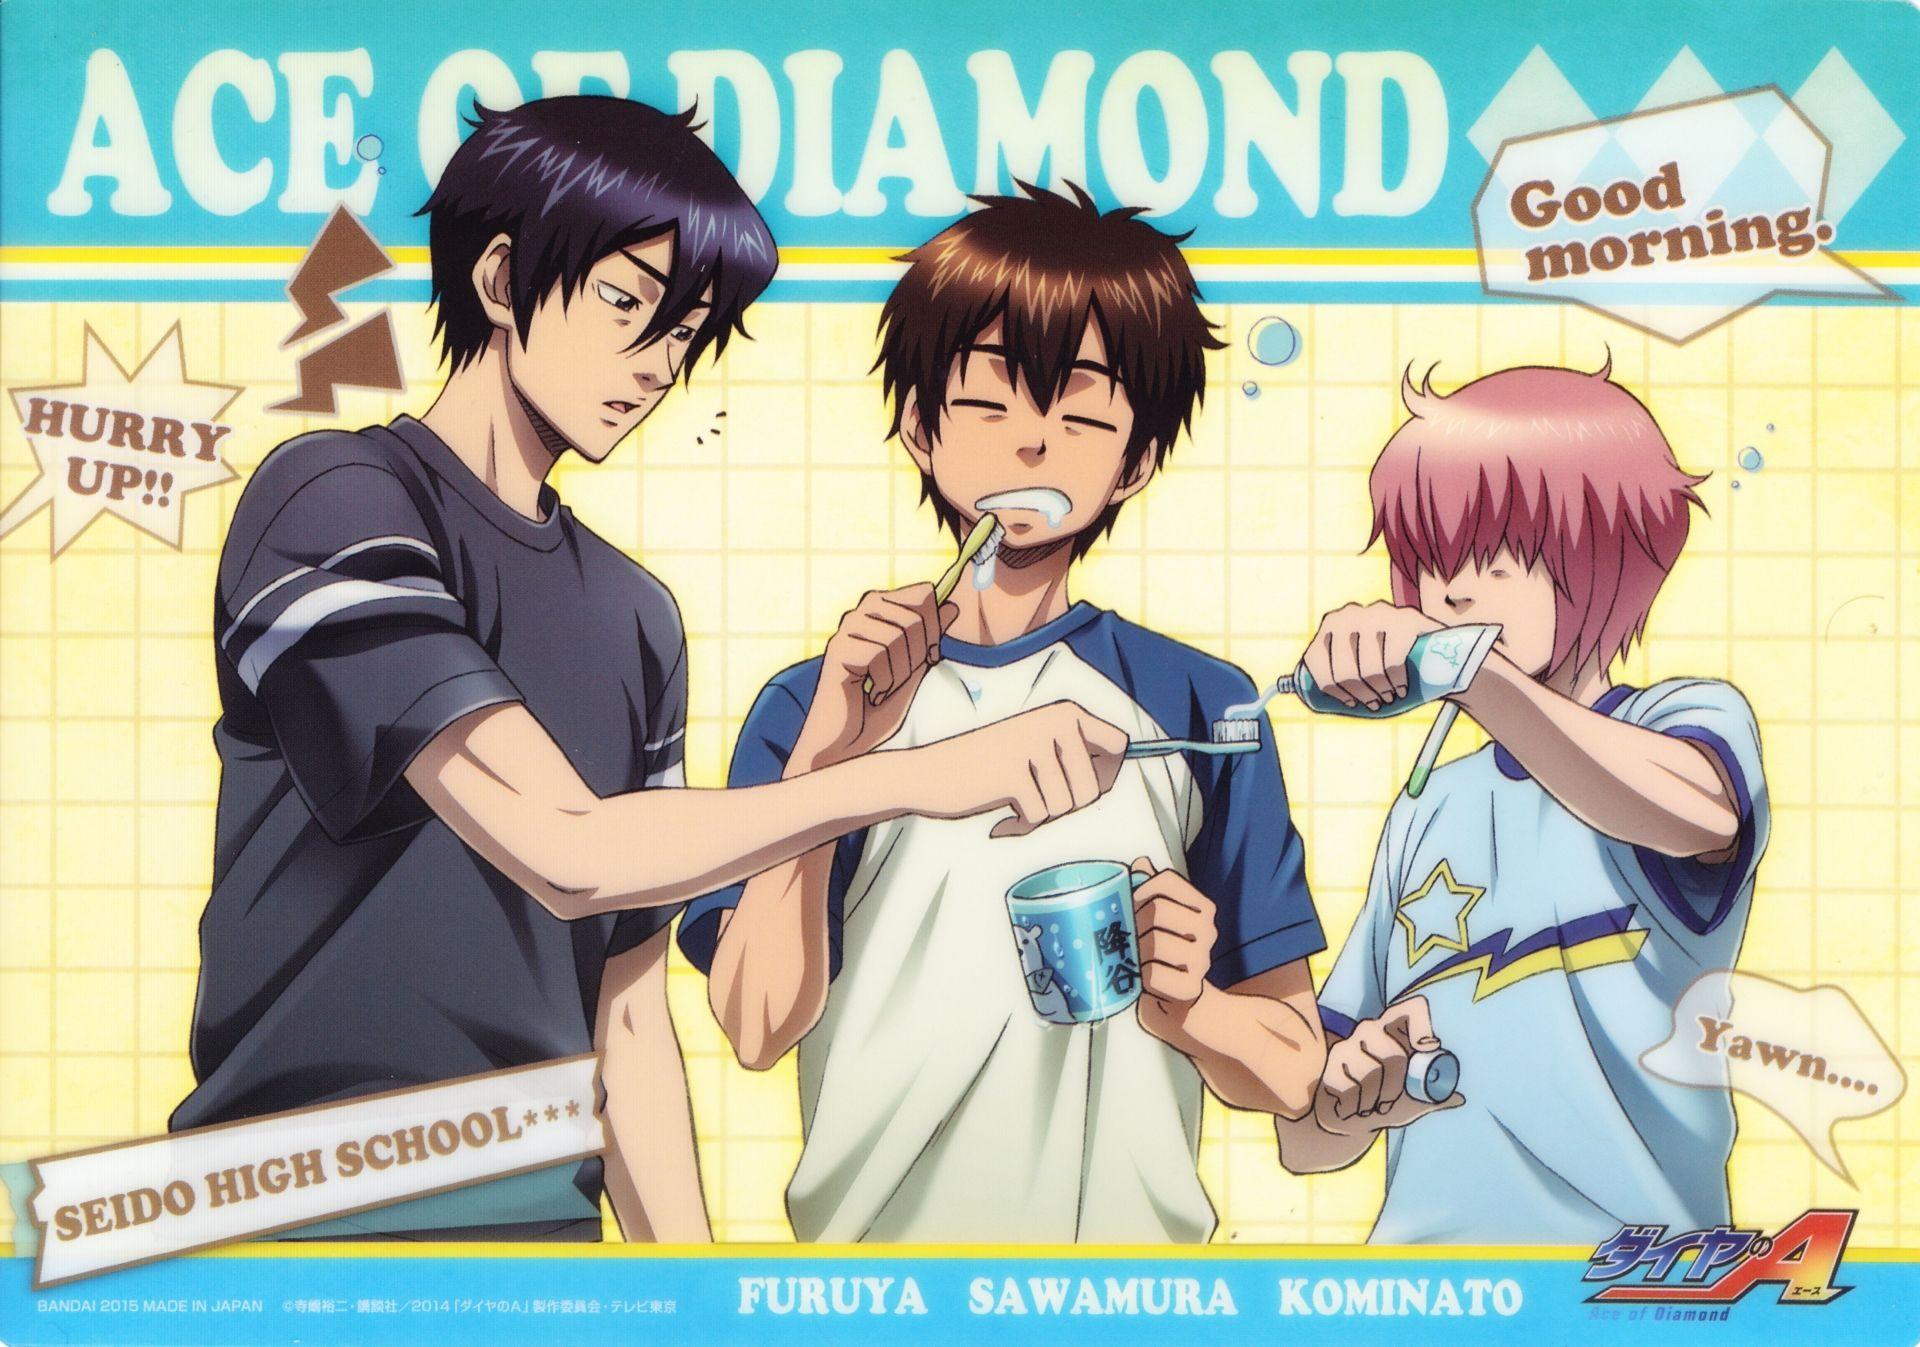 Anime Ace Of Diamond Wallpaper Ace Of Diamonds Anime Ace